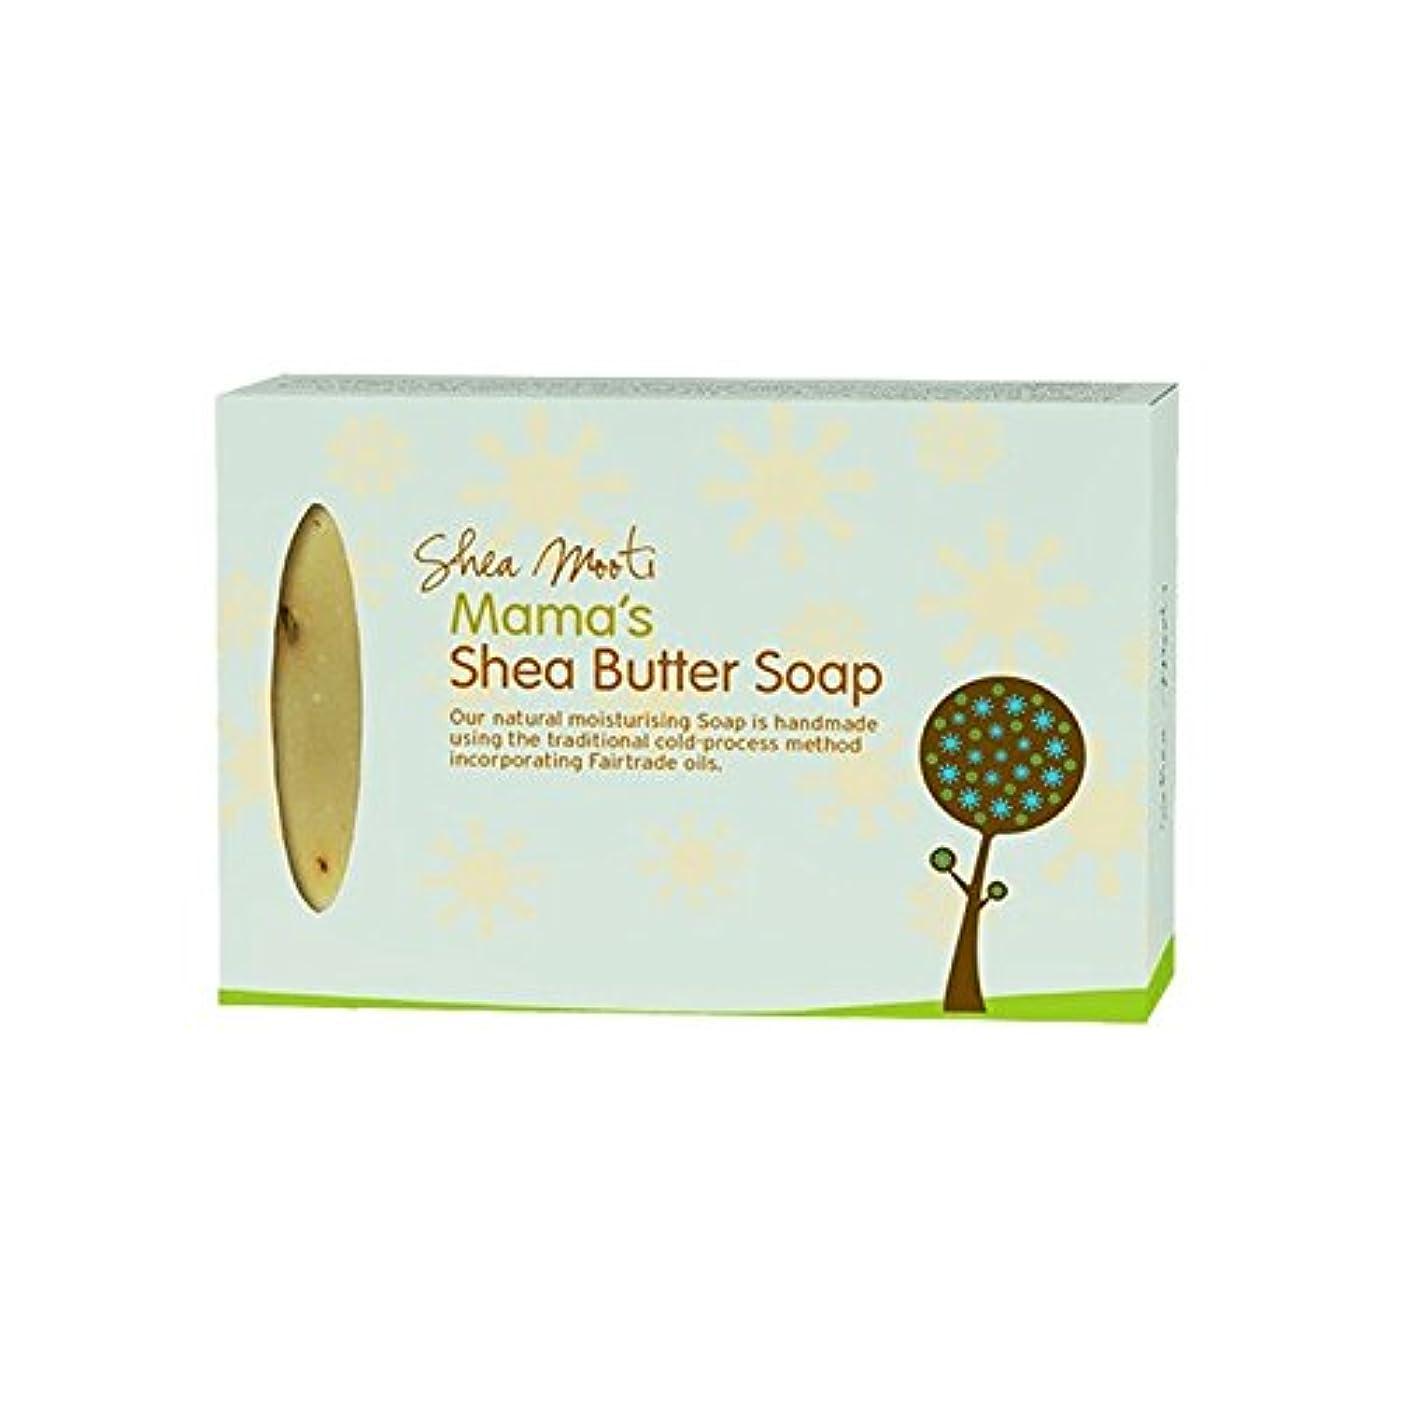 カバレッジ中重々しいシアバターMootiママのシアバターソープ100グラム - Shea Mooti Mama's Shea Butter Soap 100g (Shea Mooti) [並行輸入品]